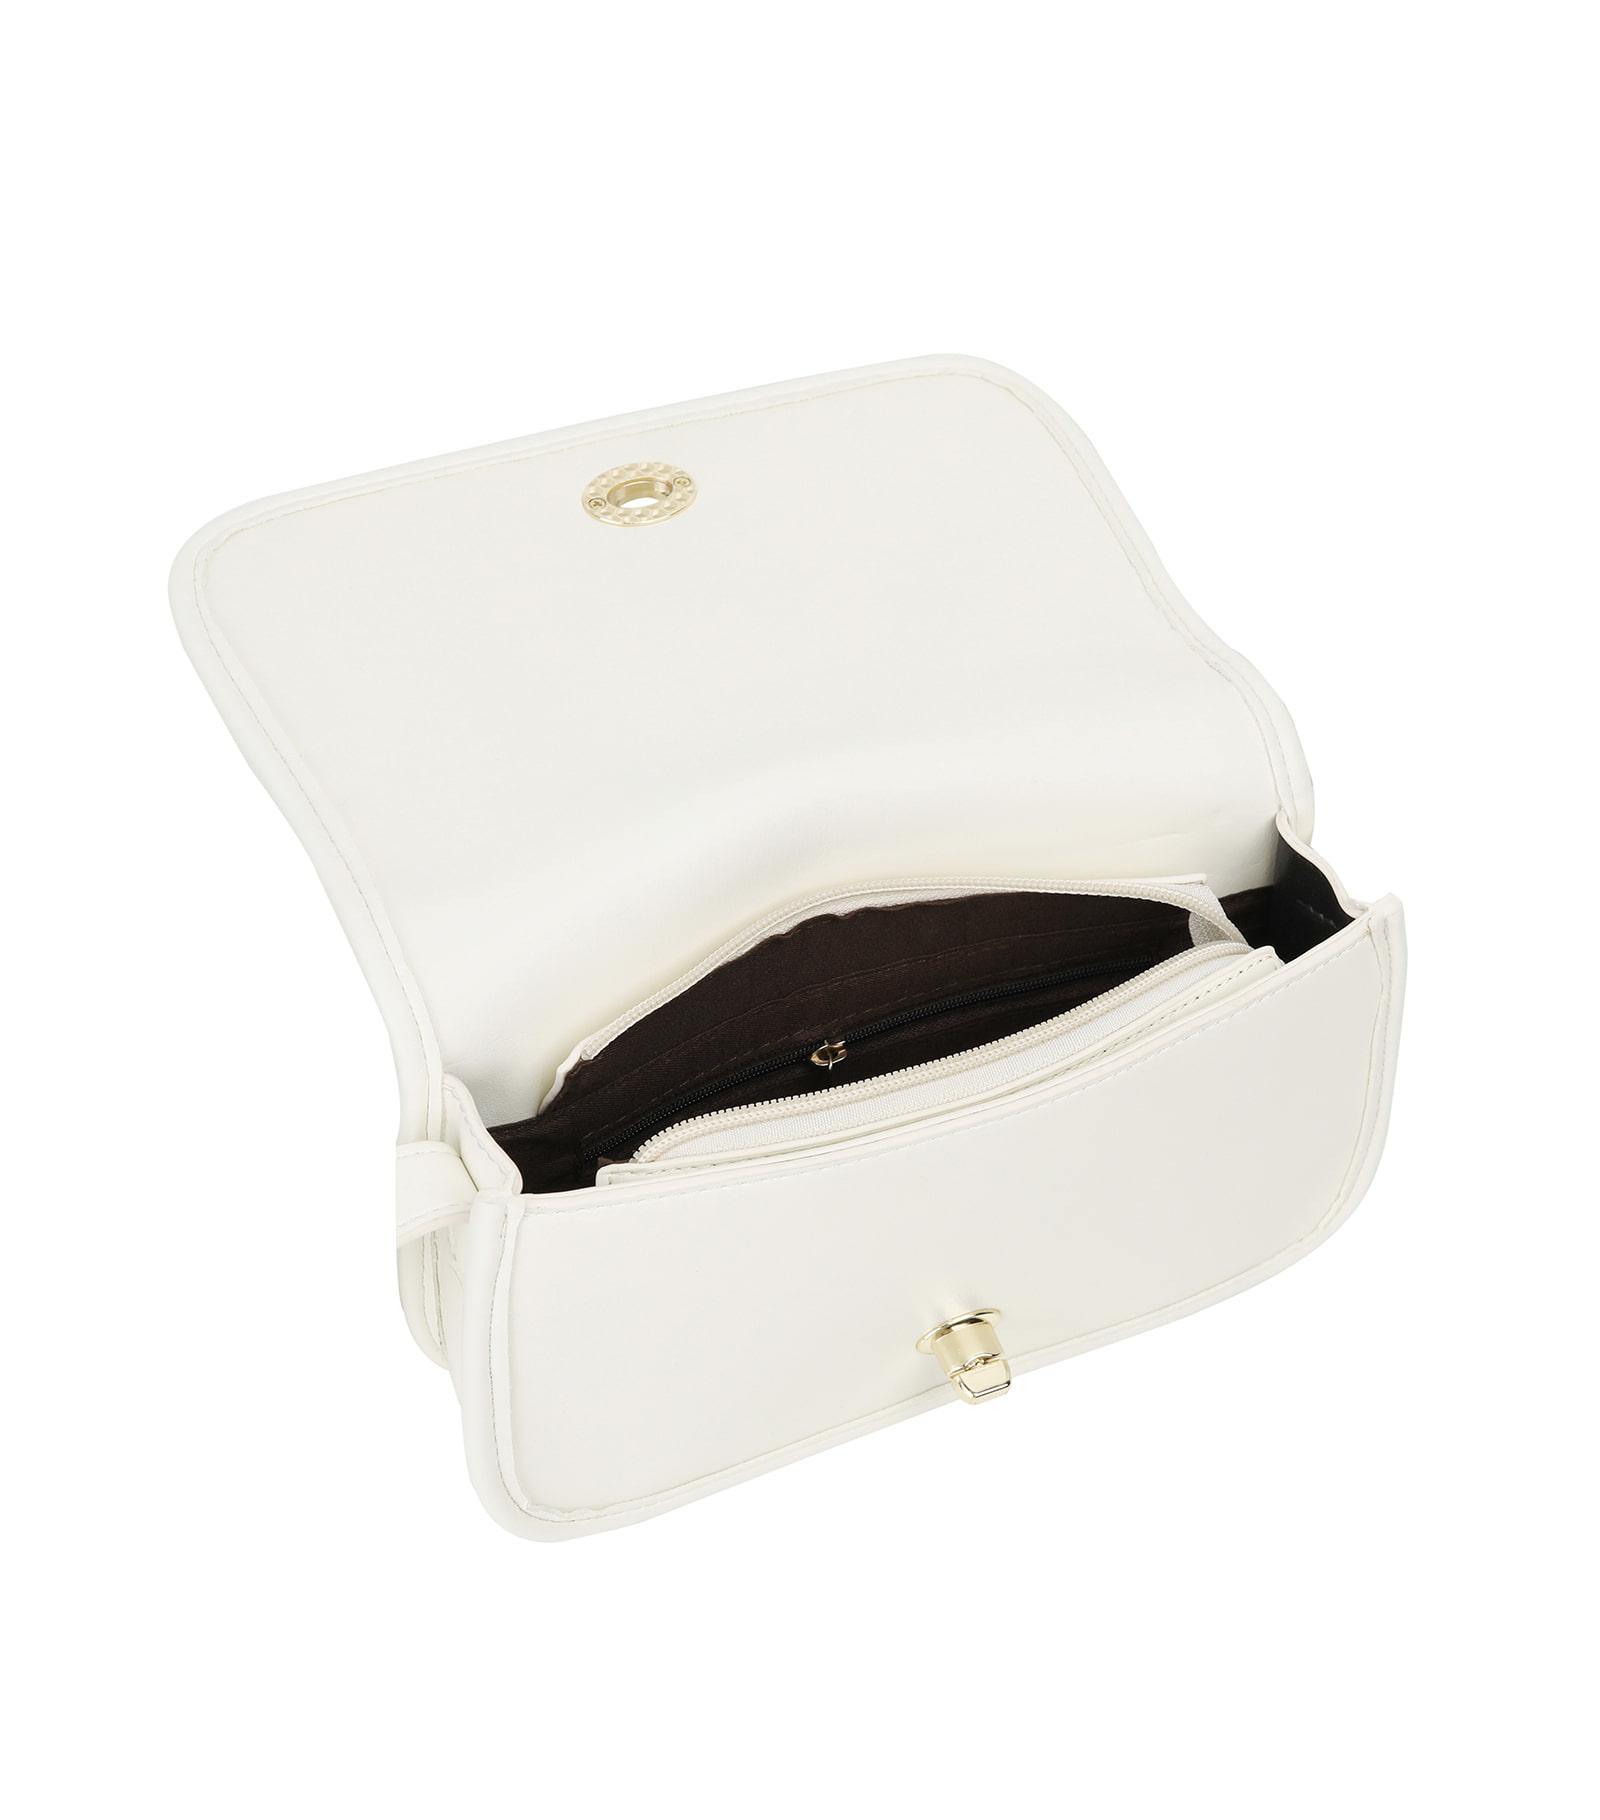 Forbi square shoulder bag